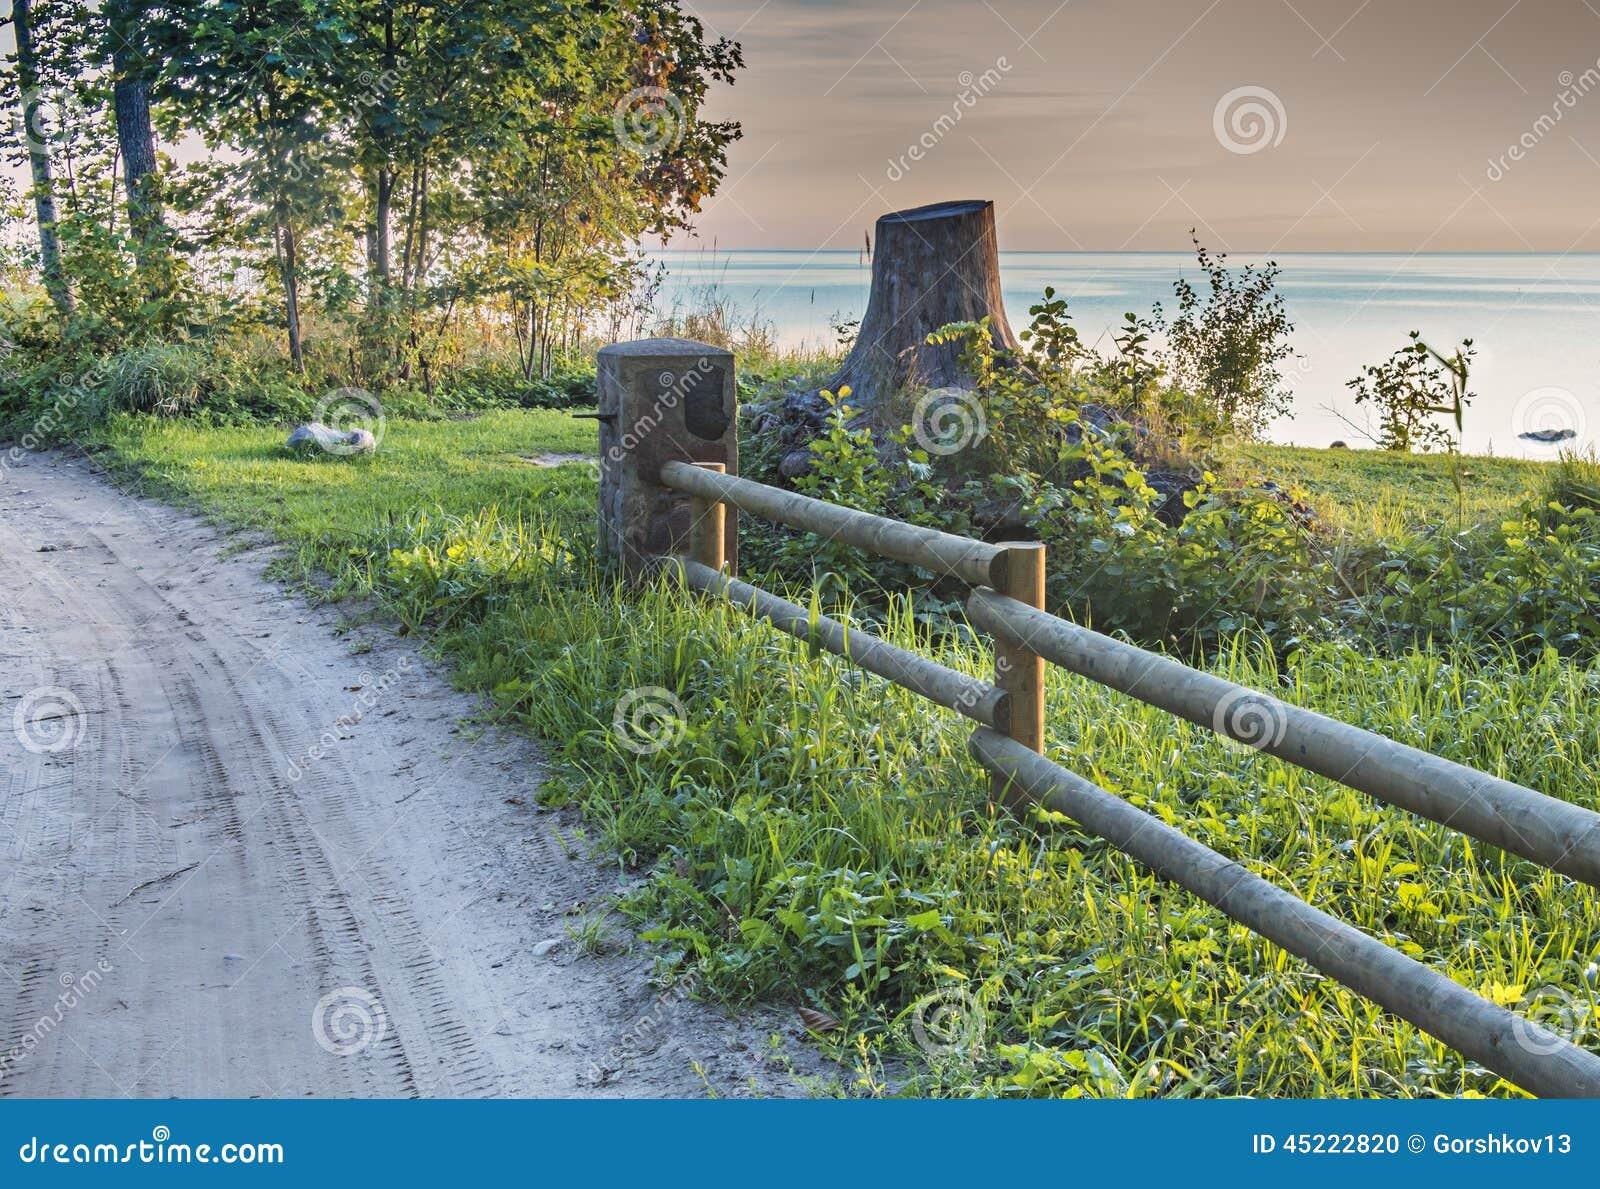 paysage c tier avec une barri re en bois rustique photo stock image 45222820. Black Bedroom Furniture Sets. Home Design Ideas